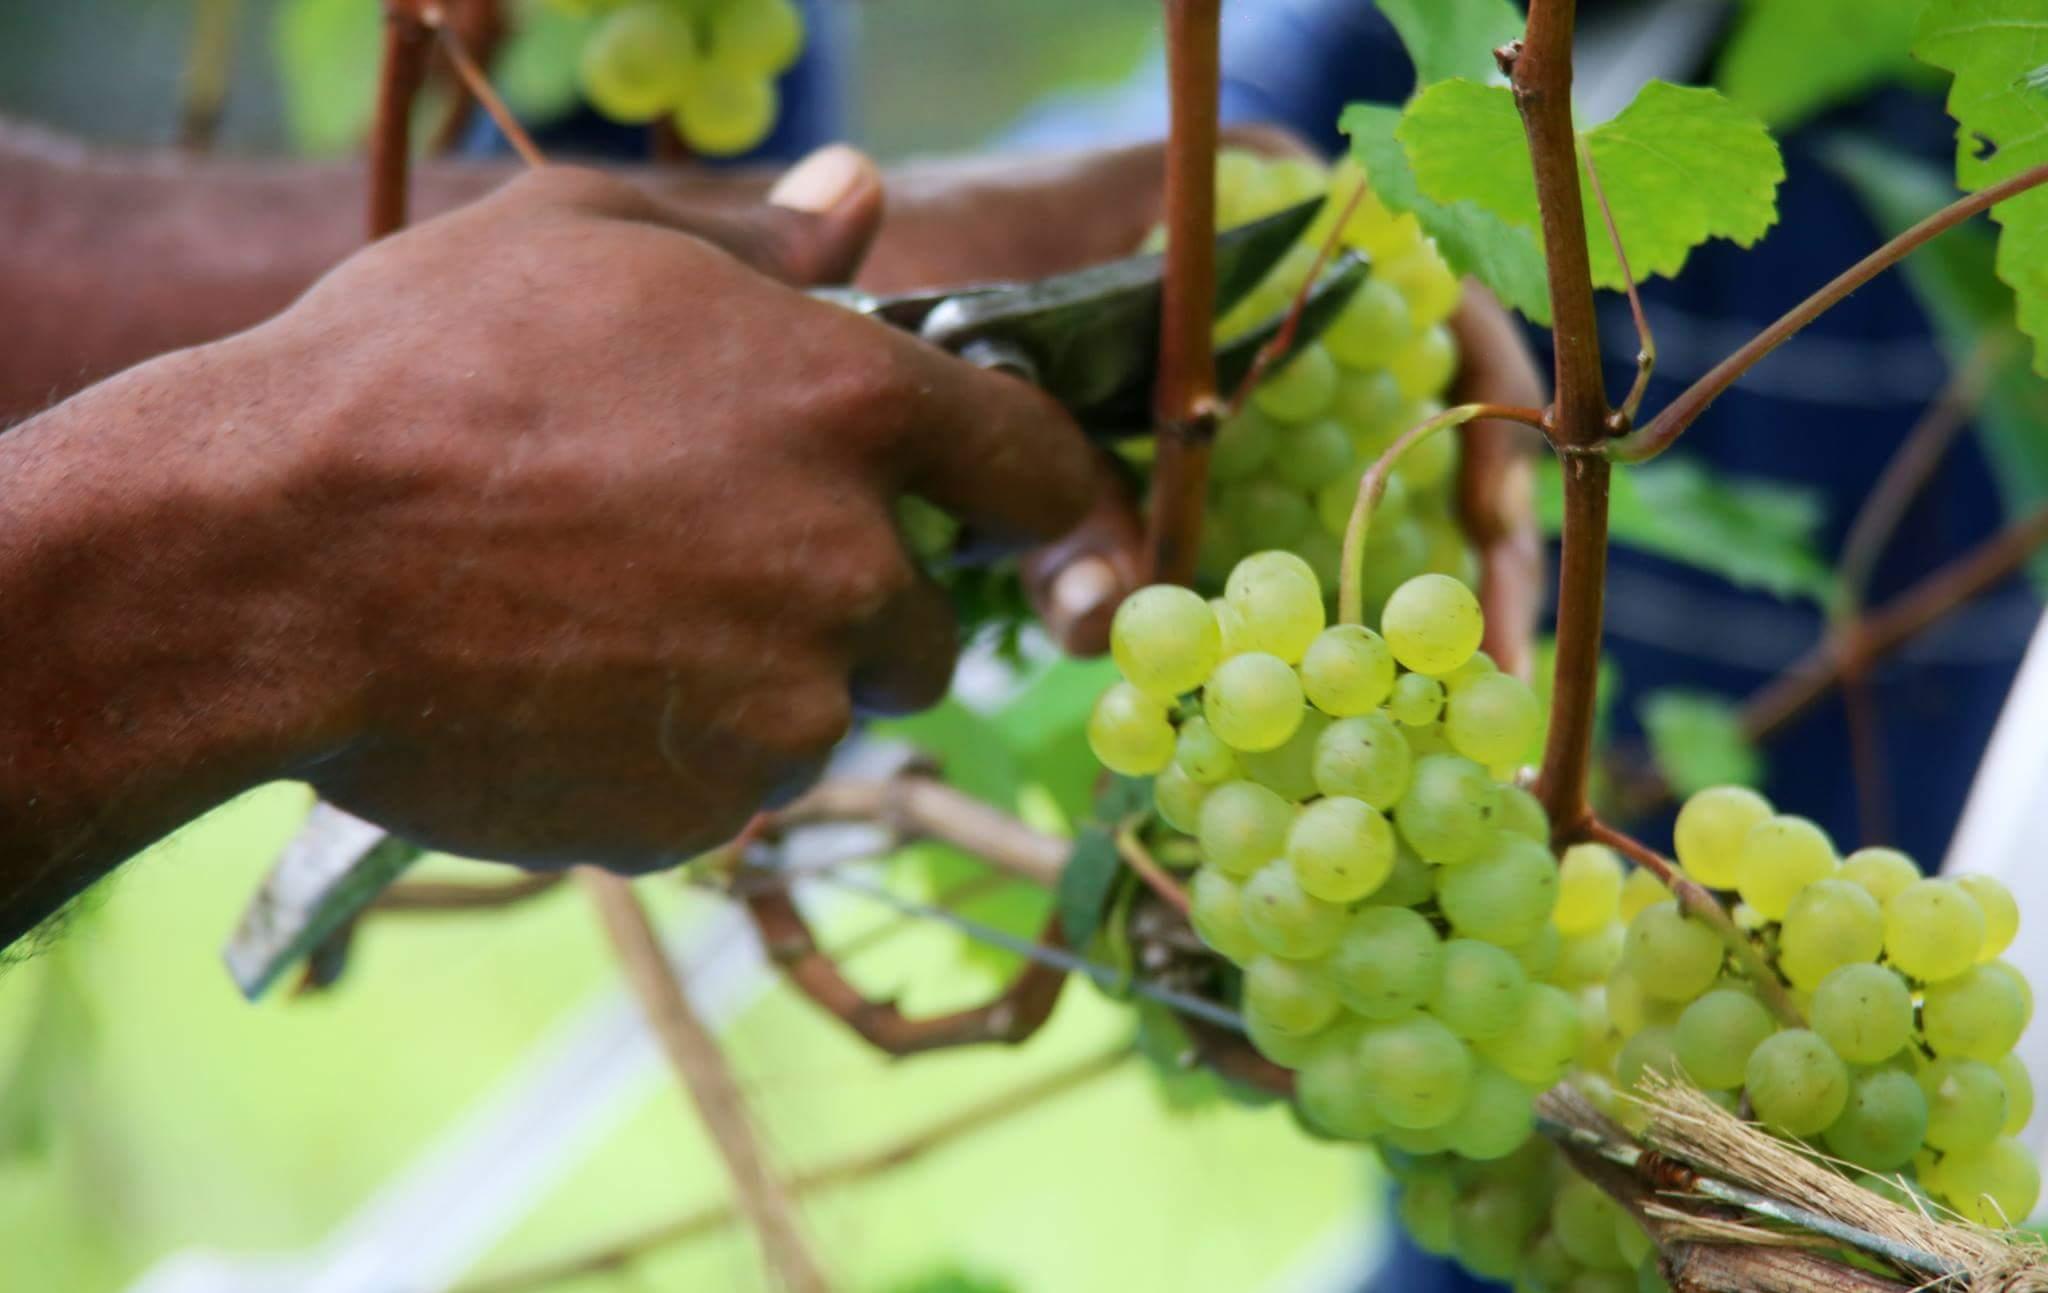 Colheita da uva - Abner Zeus/Divulgação/ND